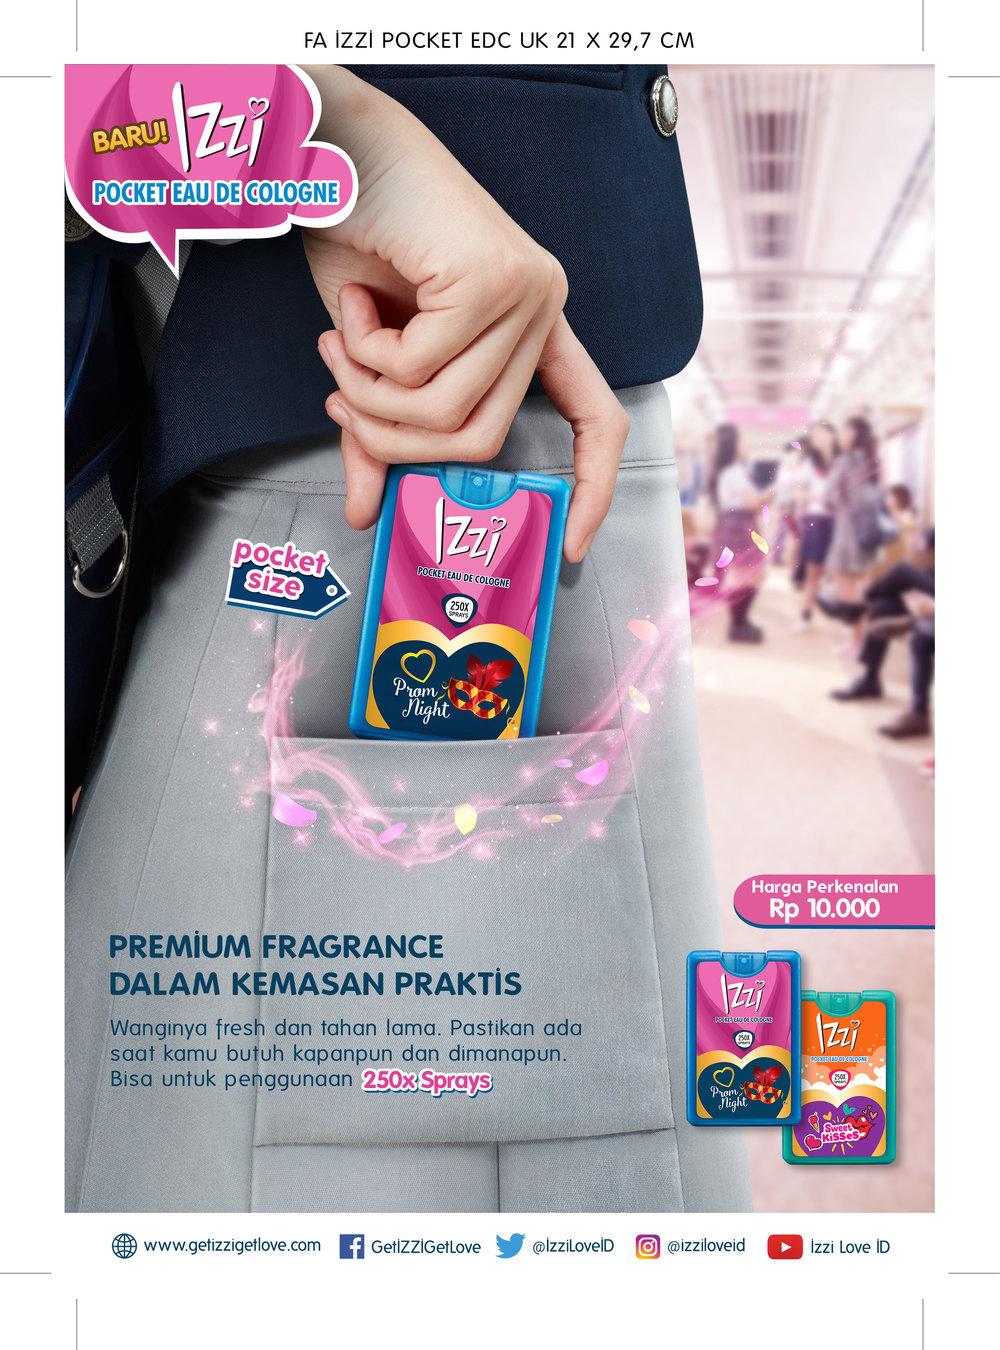 FA IZZI Pocket EDC_KV.jpg